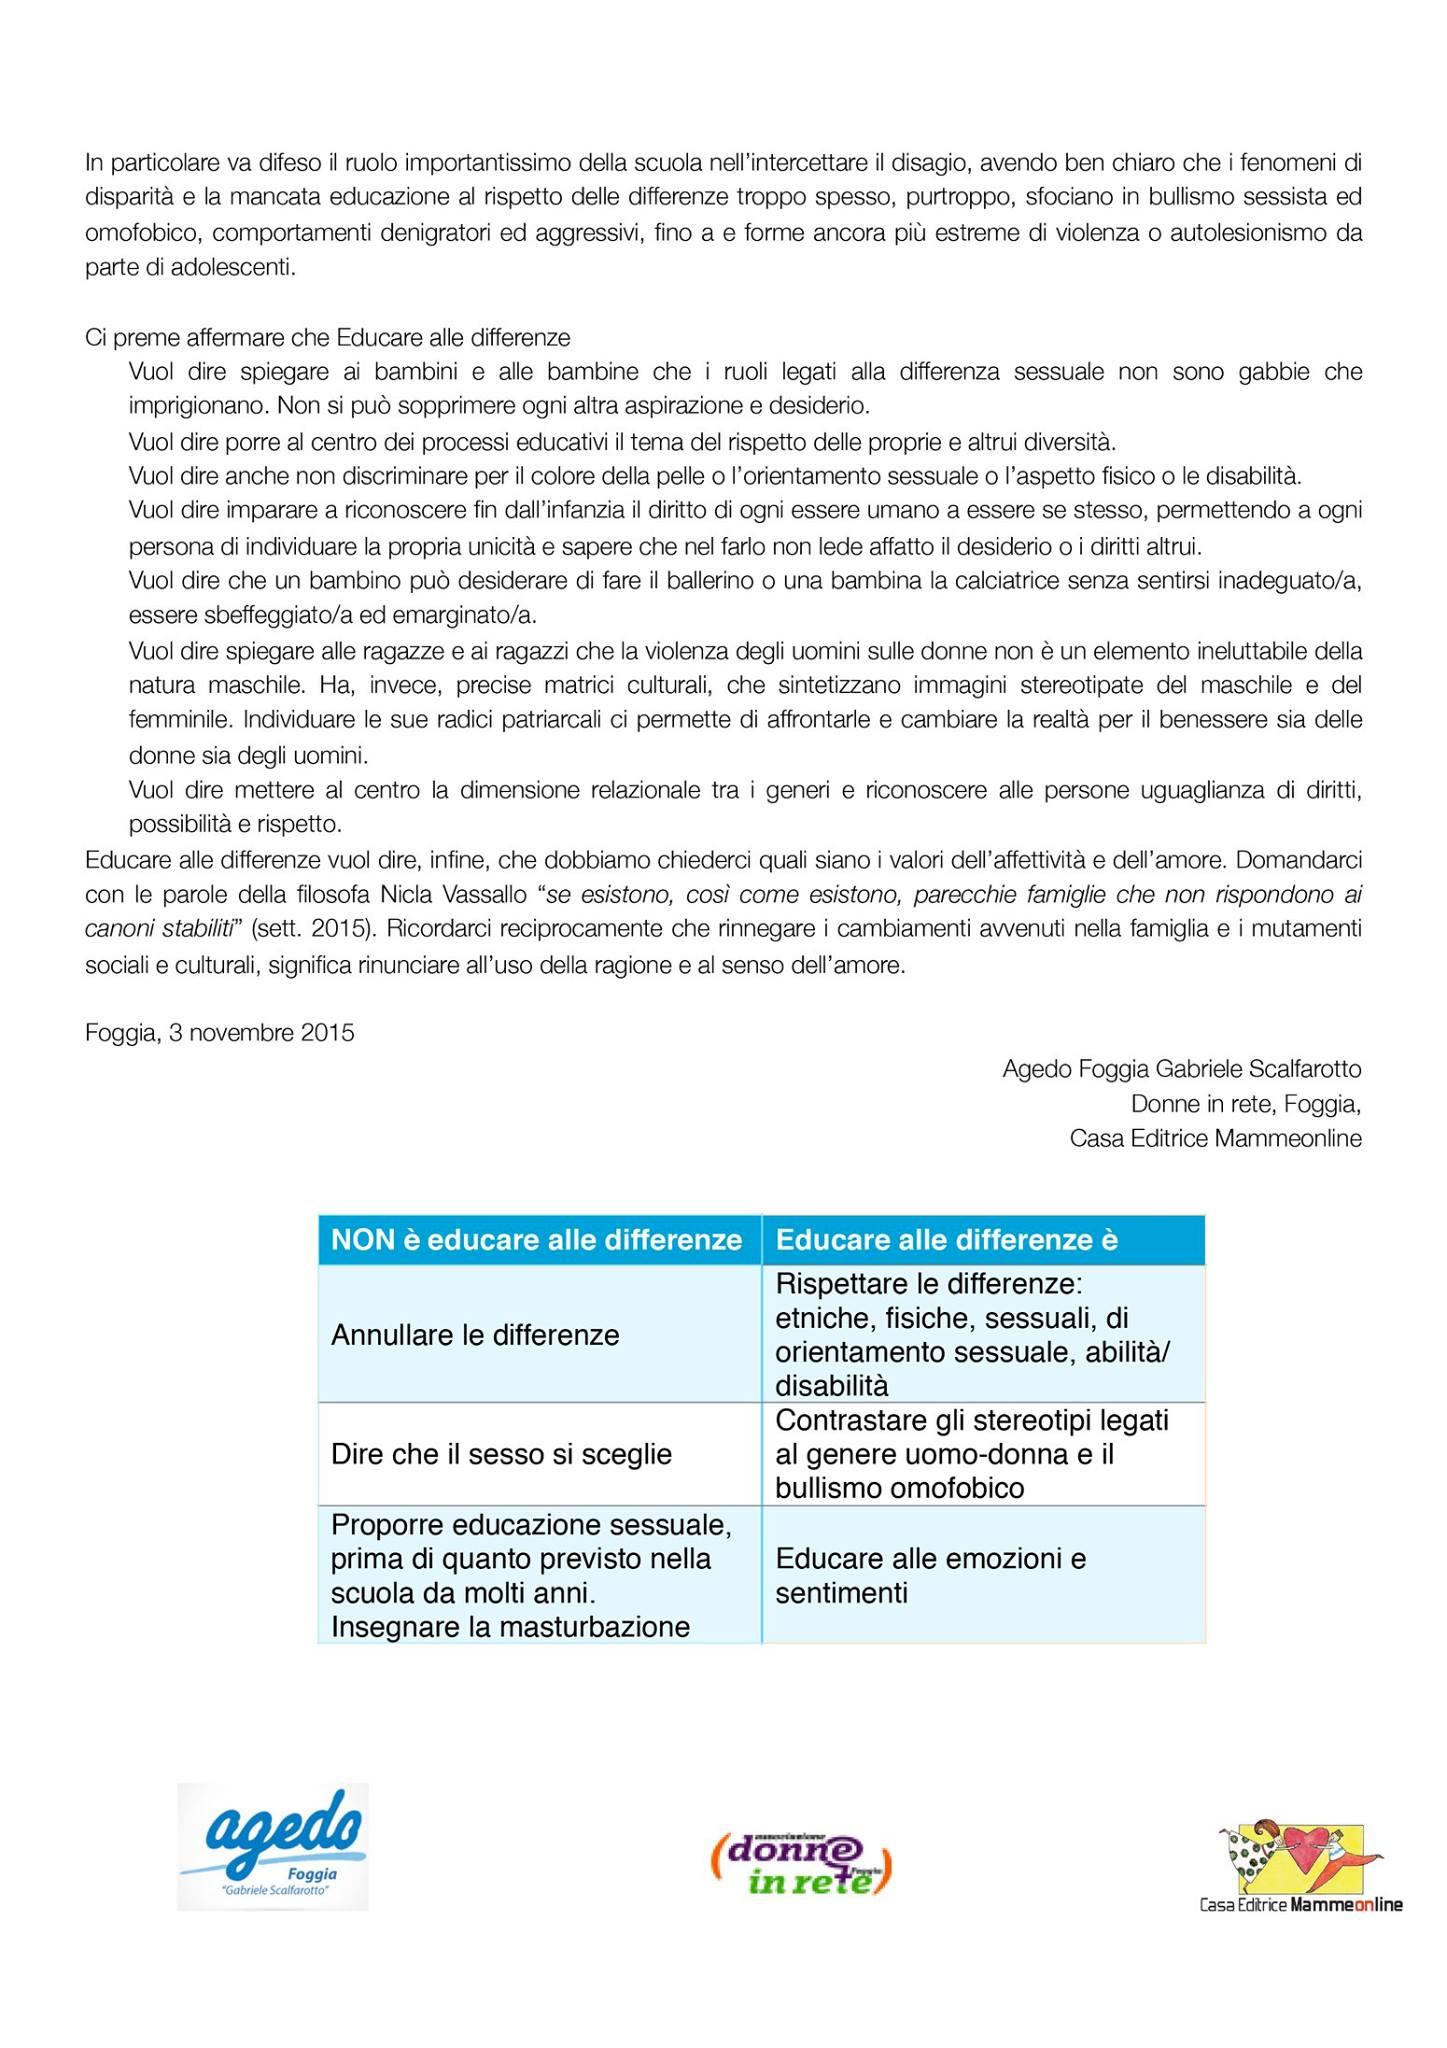 educare (2)